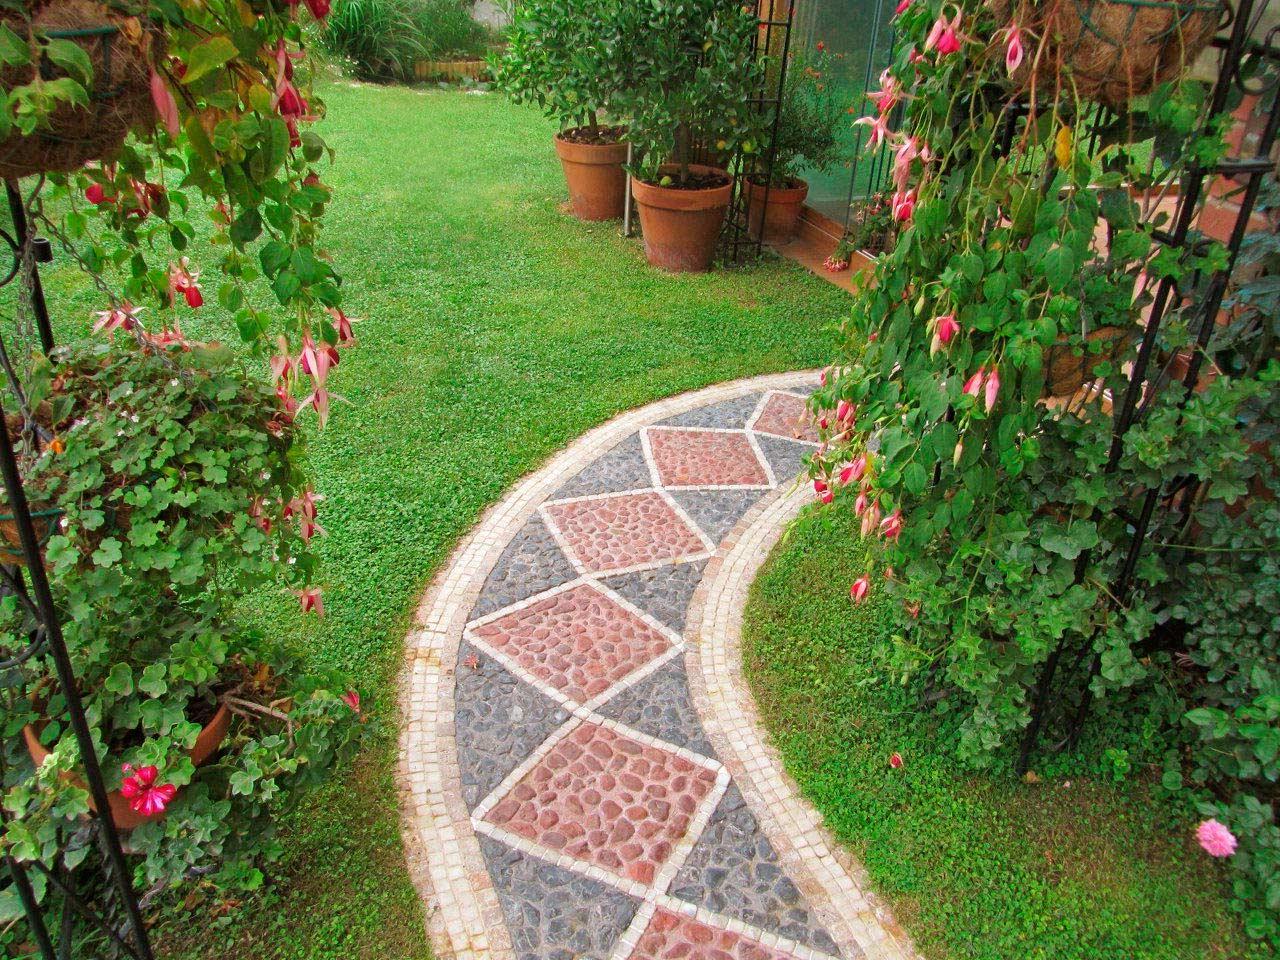 Iluminar jardin o exteriores con bombillas de led for Caminos de piedra en el jardin